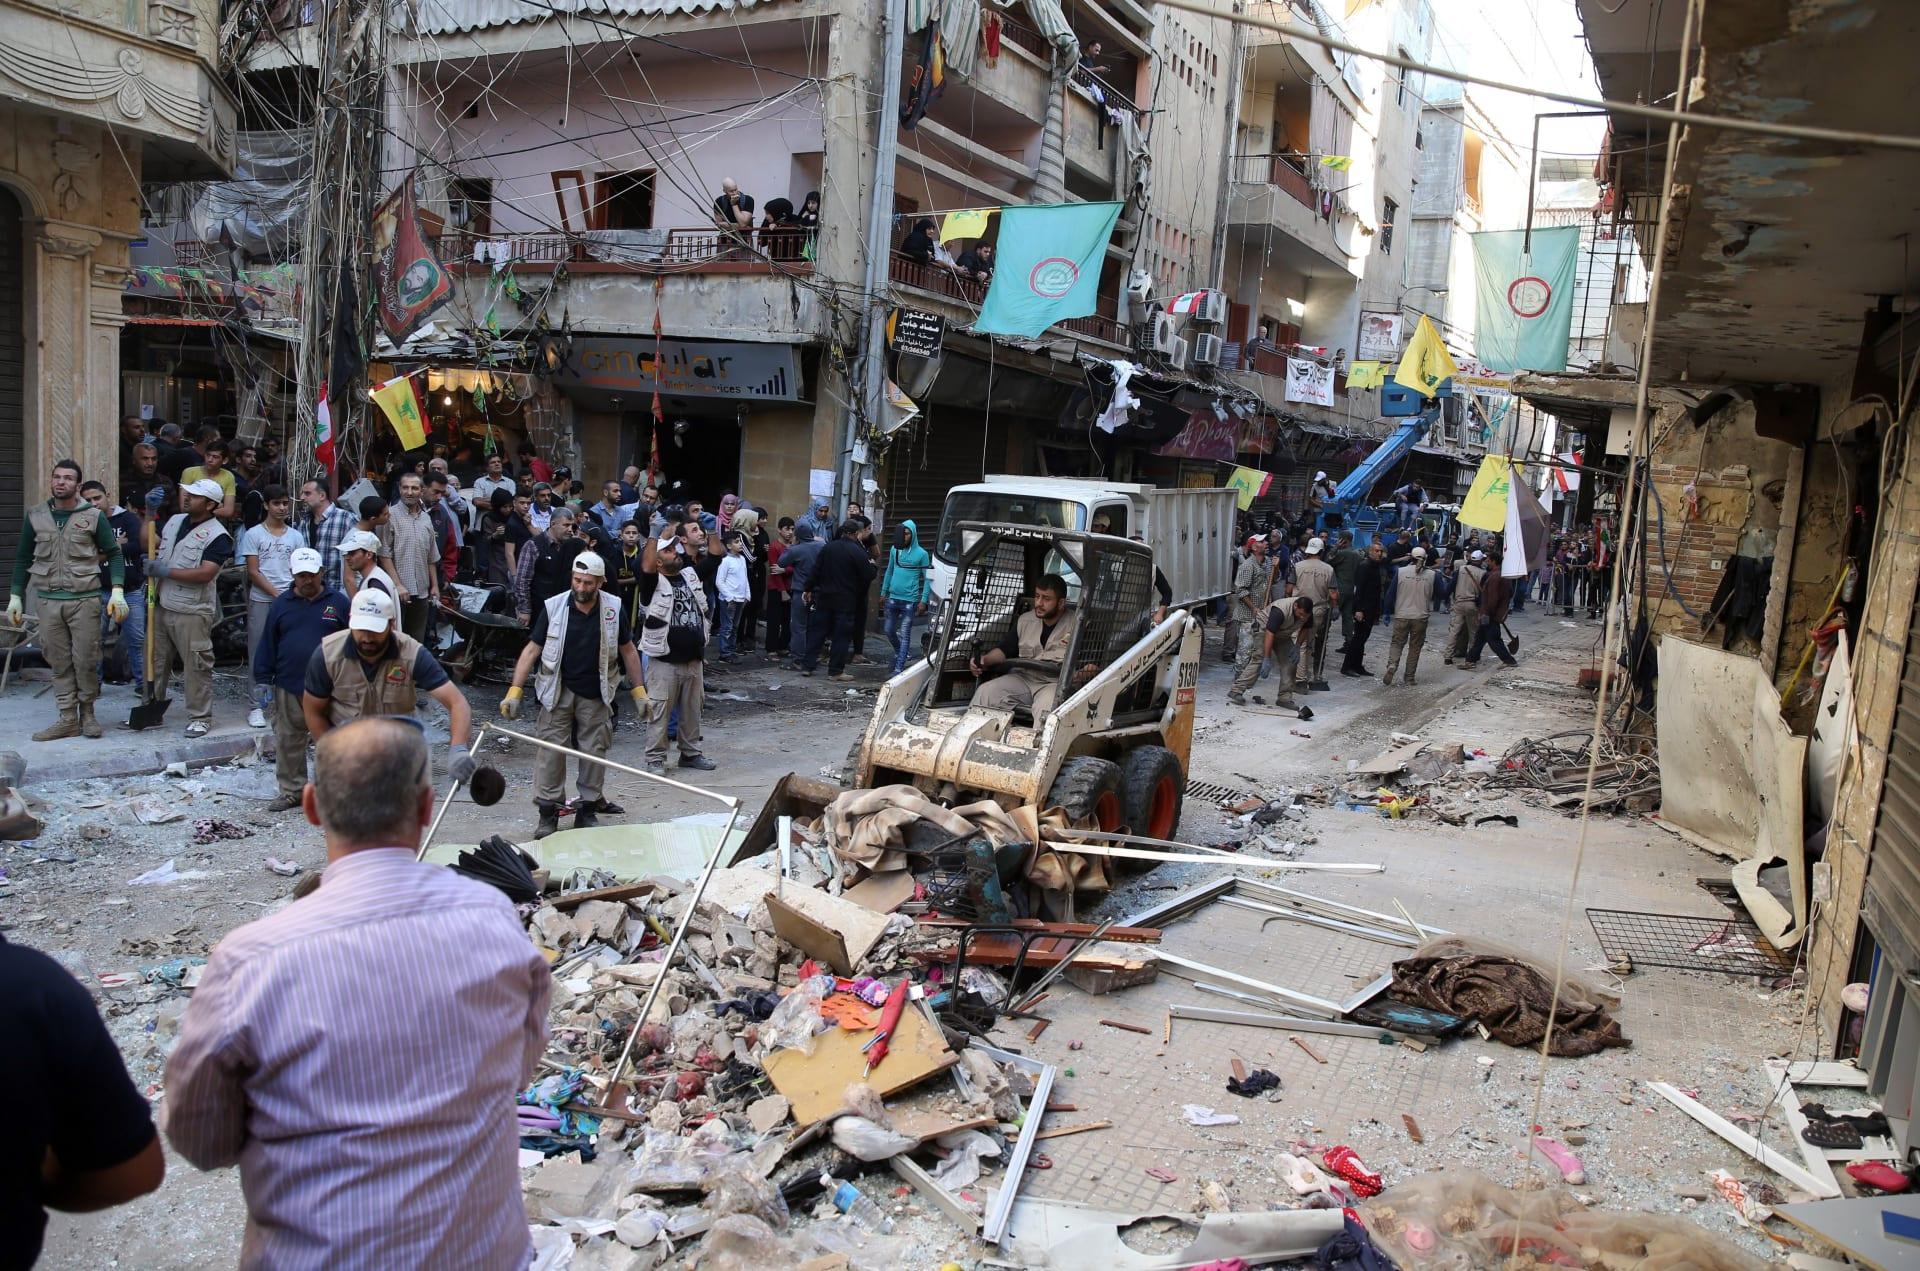 التفجيرات الانتحارية في بيروت: لماذا لبنان وما هي الخطوة التالية؟